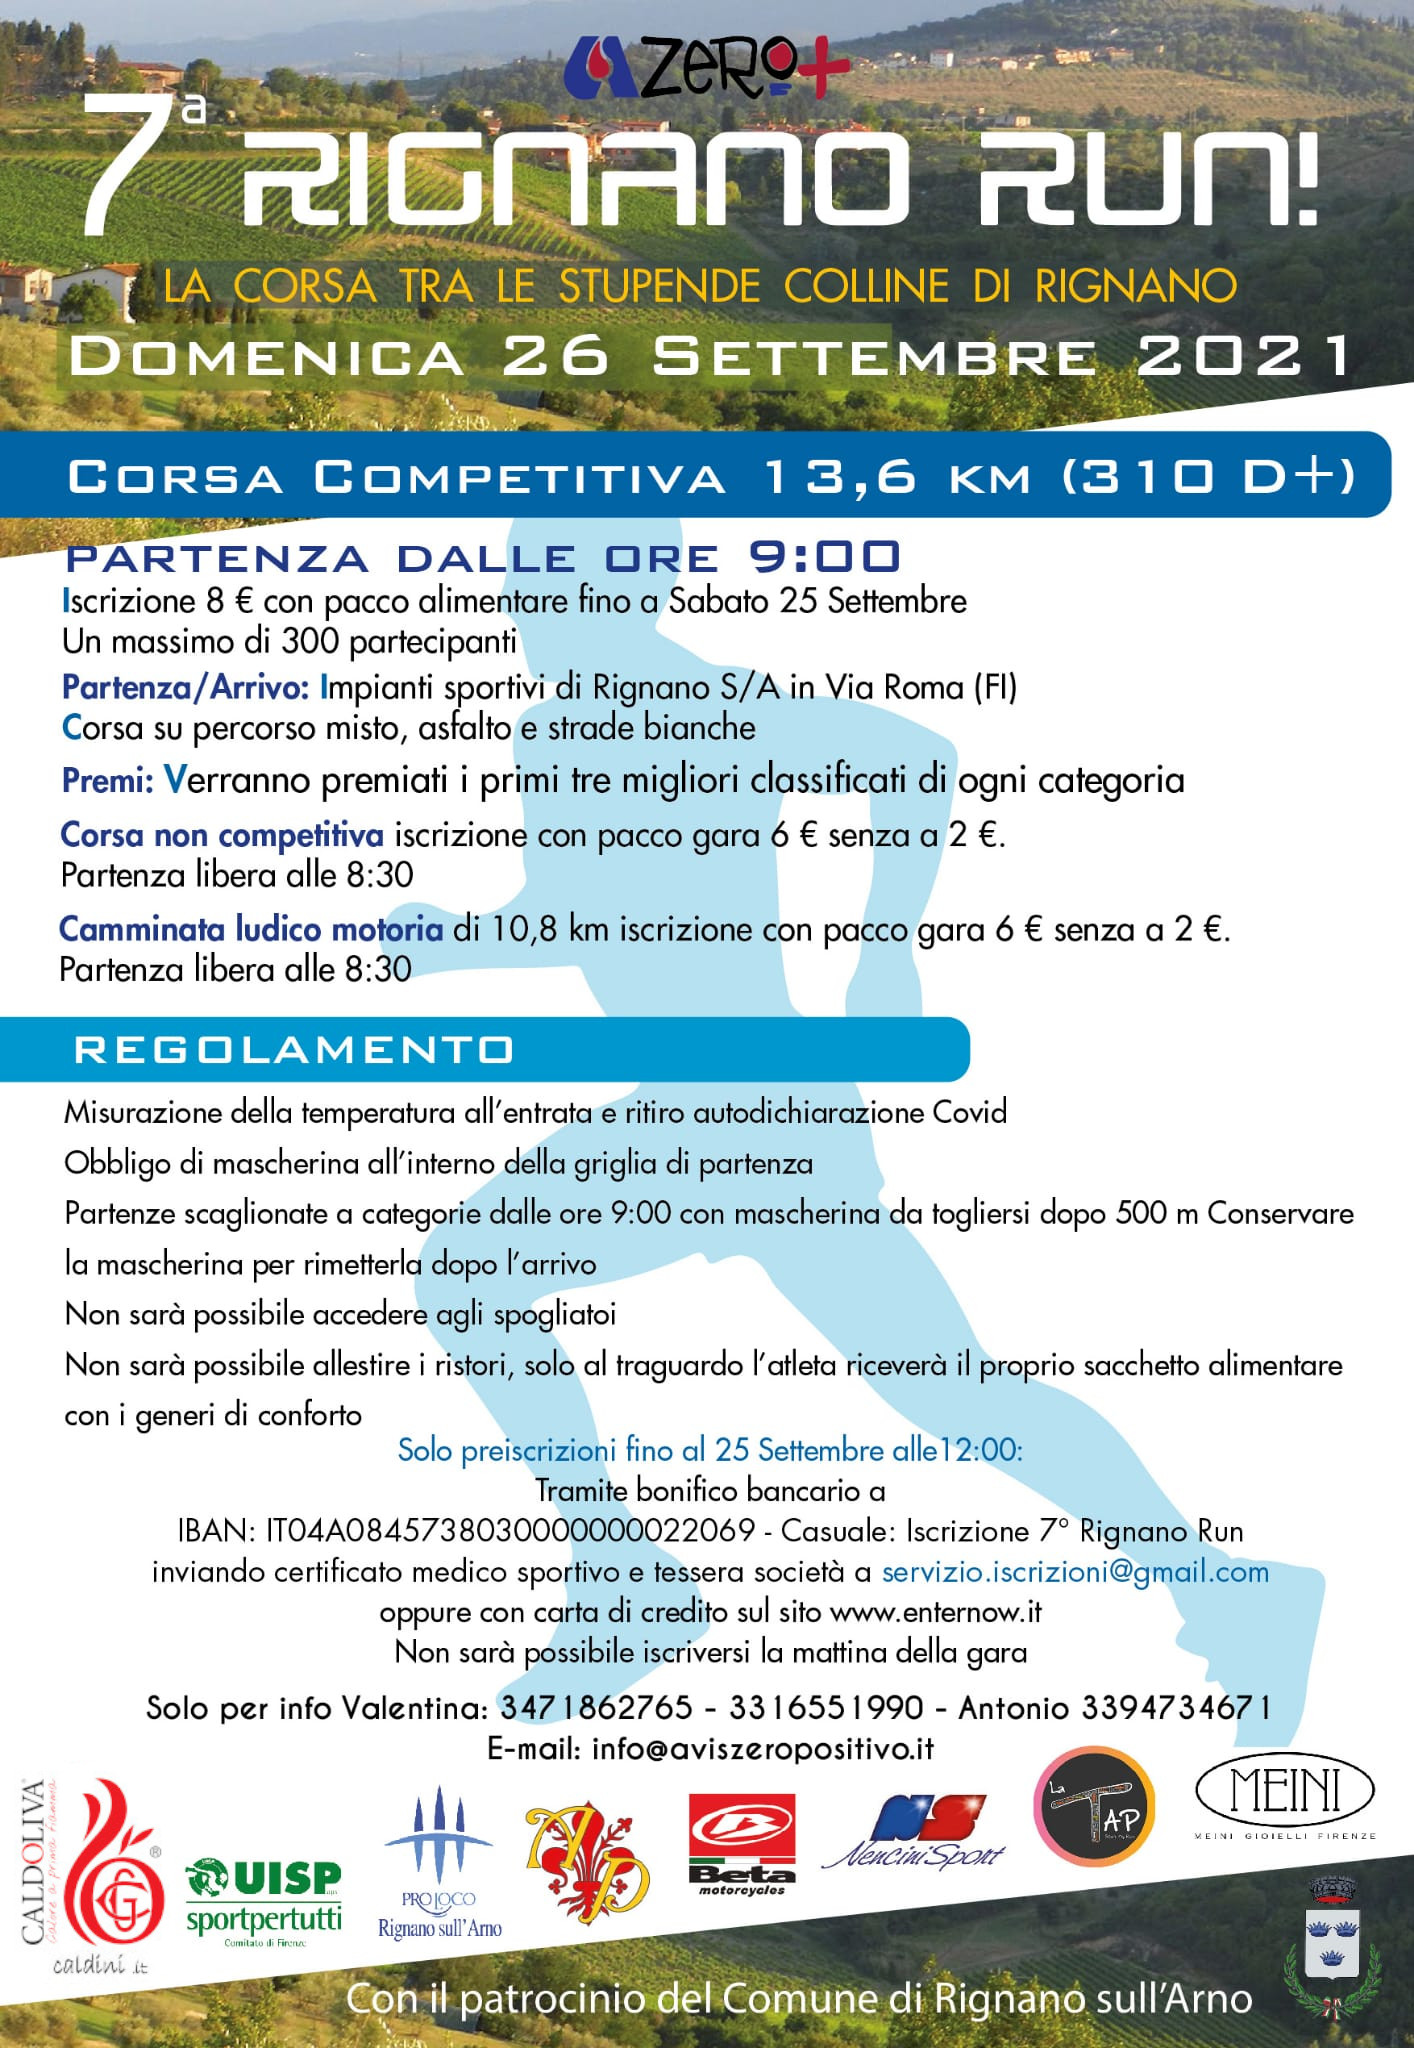 Volantino Rignano Run 2020